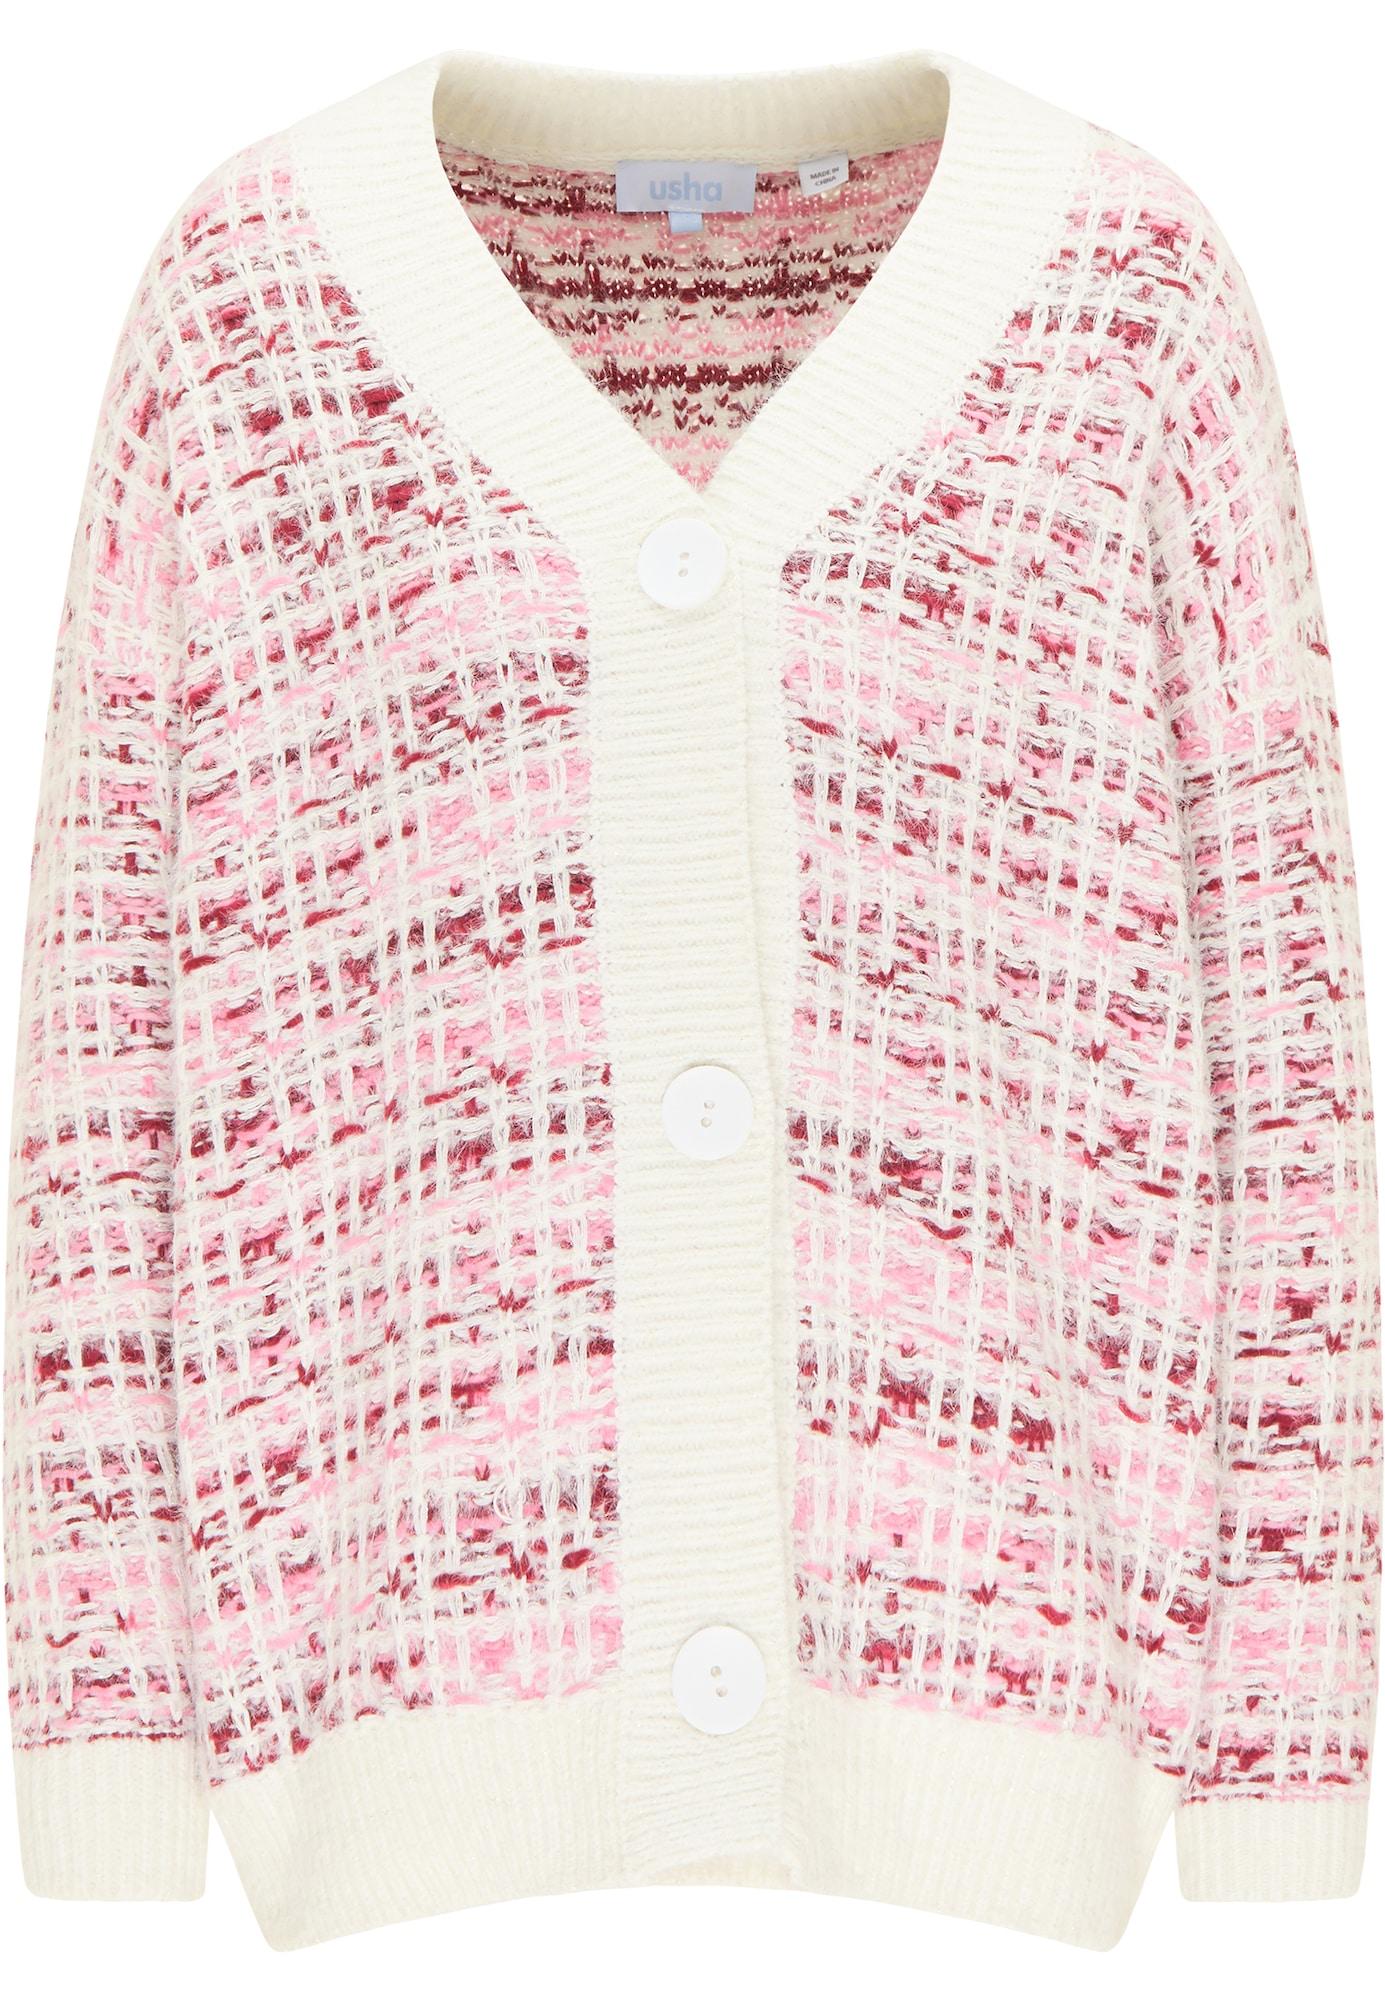 usha BLUE LABEL Kardiganas balta / ryškiai rožinė spalva / pitajų spalva